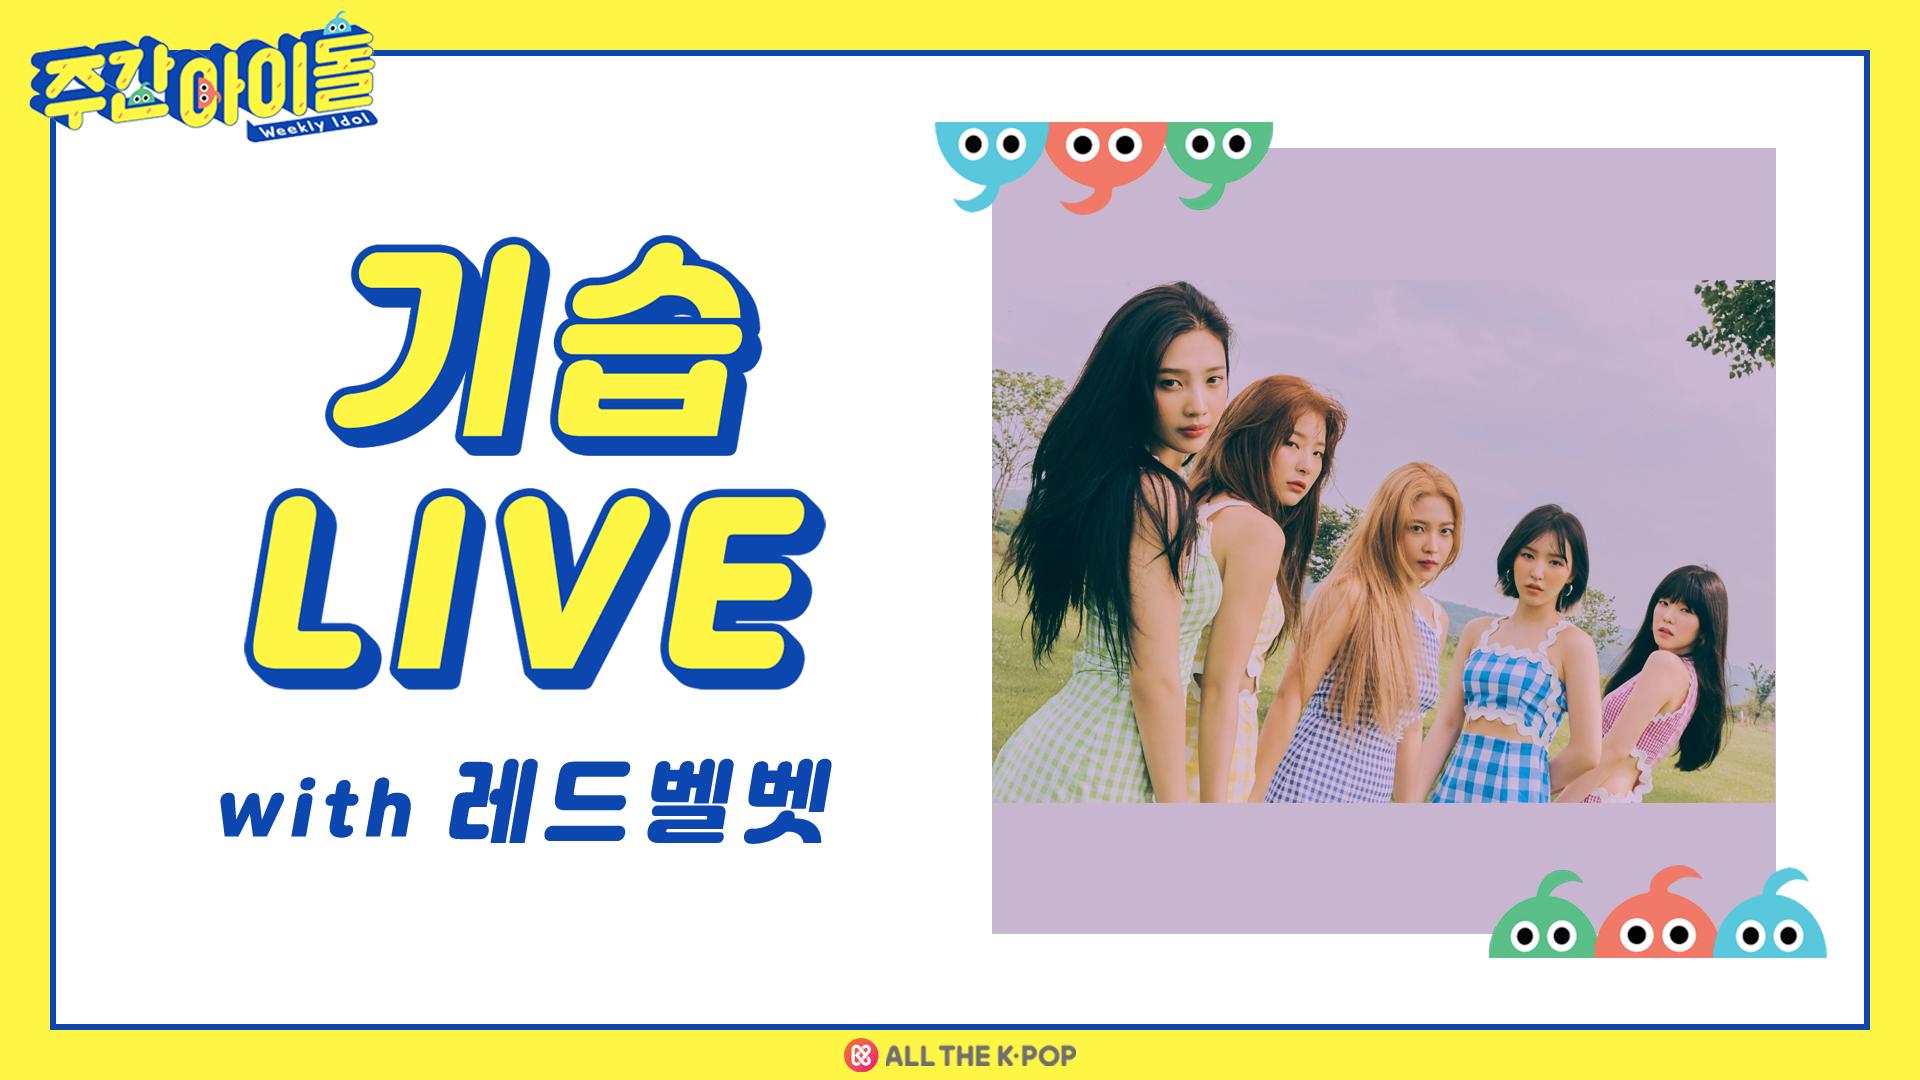 [주간아이돌] 기습 LIVE with 레드벨벳(RED VELVET)